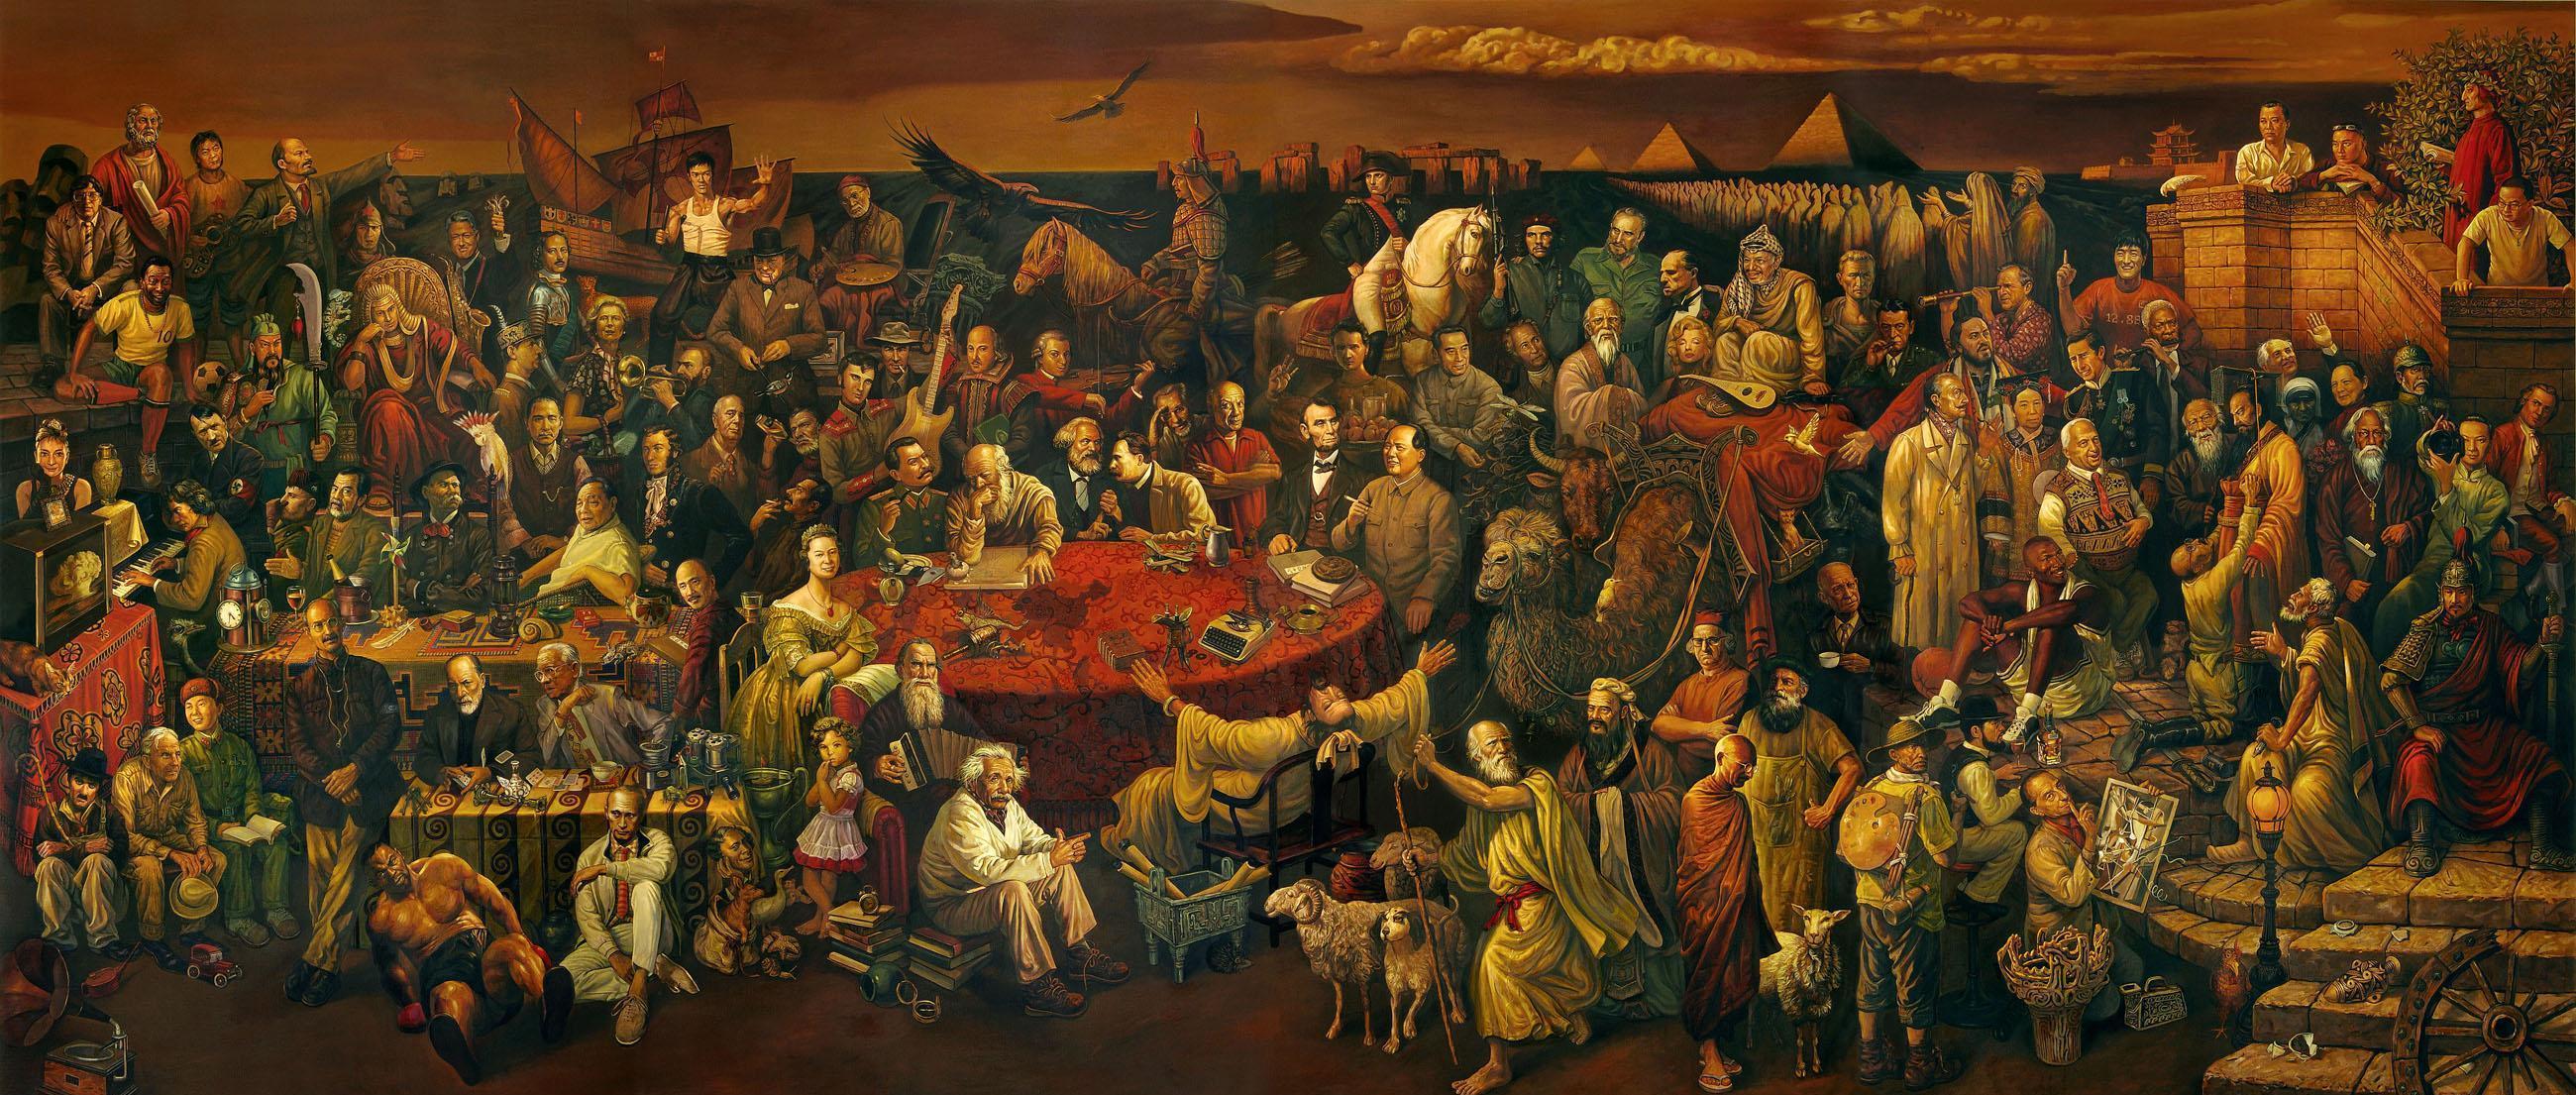 مشاهير من العالم عبر التاريخ